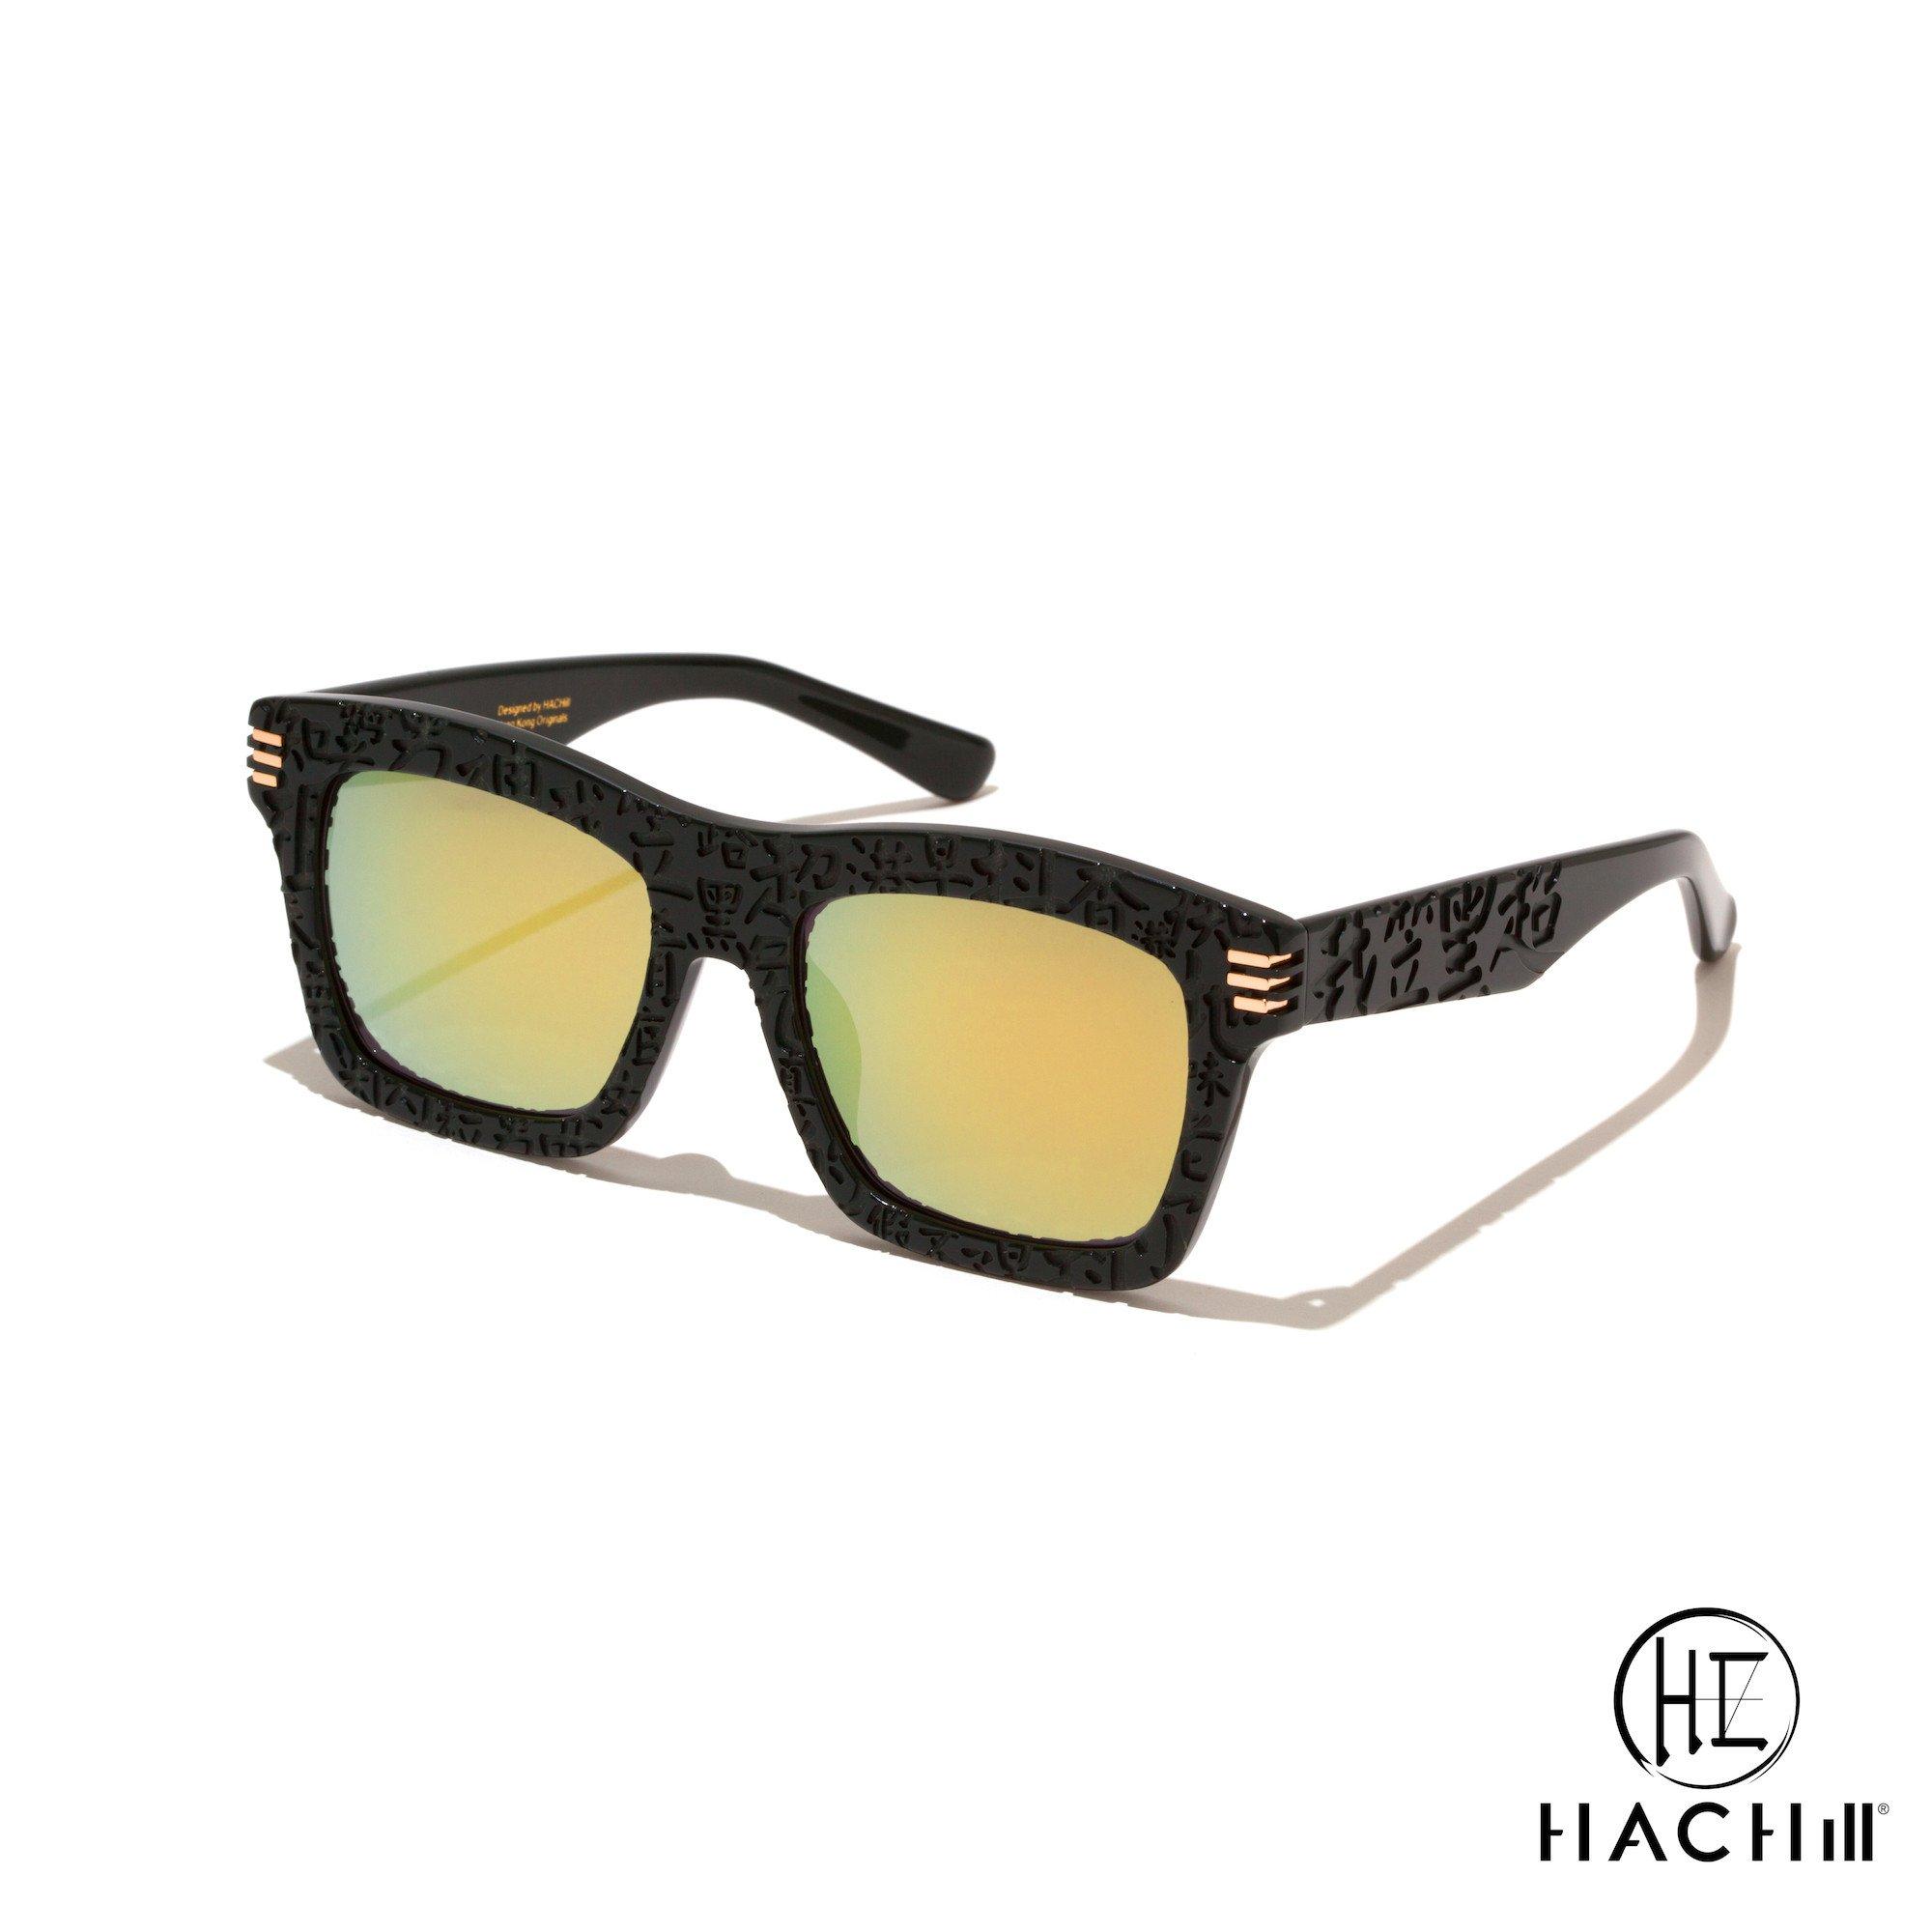 Hachill 太阳眼镜 HC4-2015-A-C3 亮金色